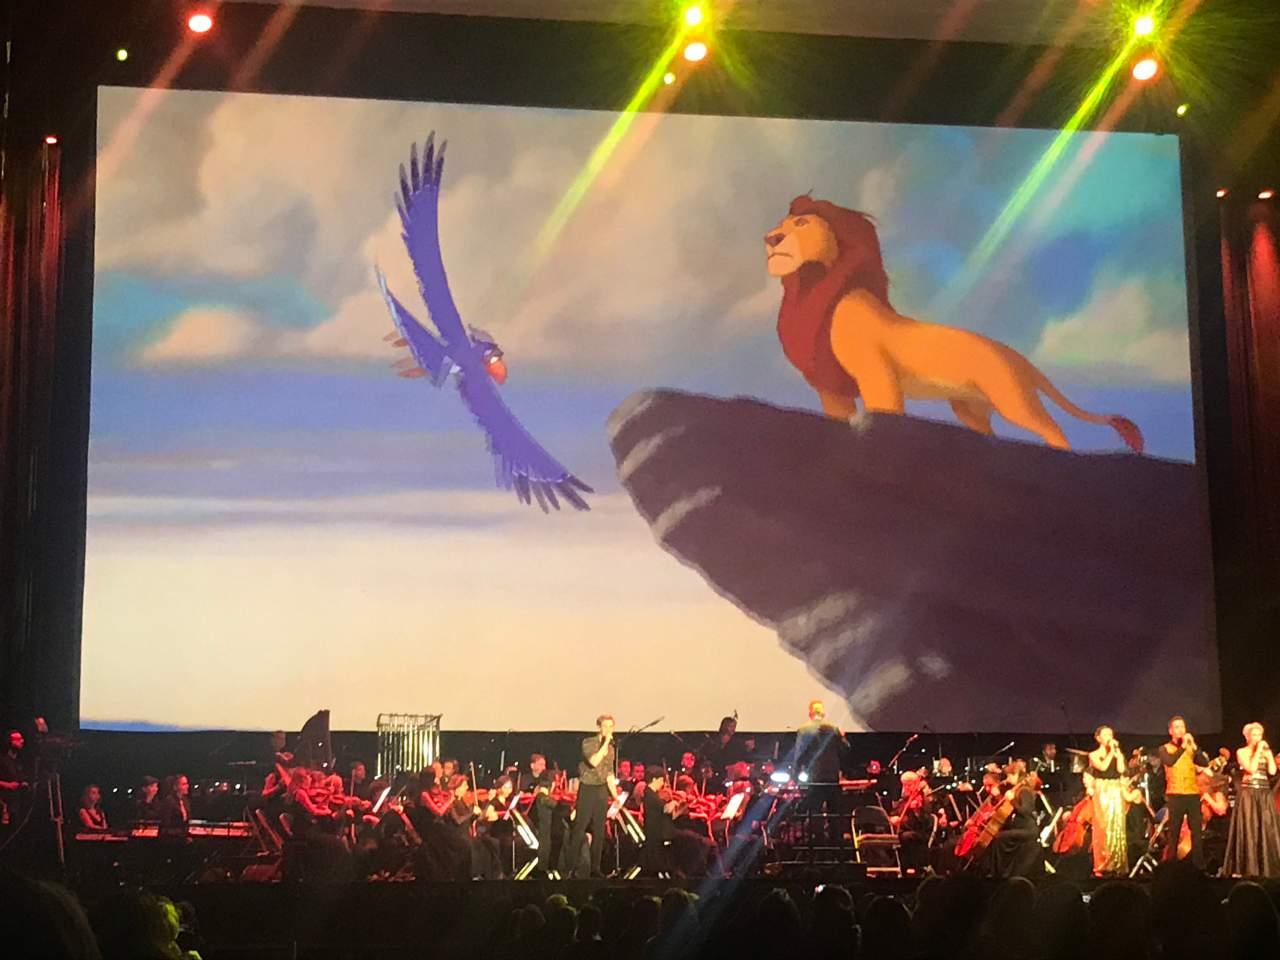 Disney in Concert 2018 - König der Löwen